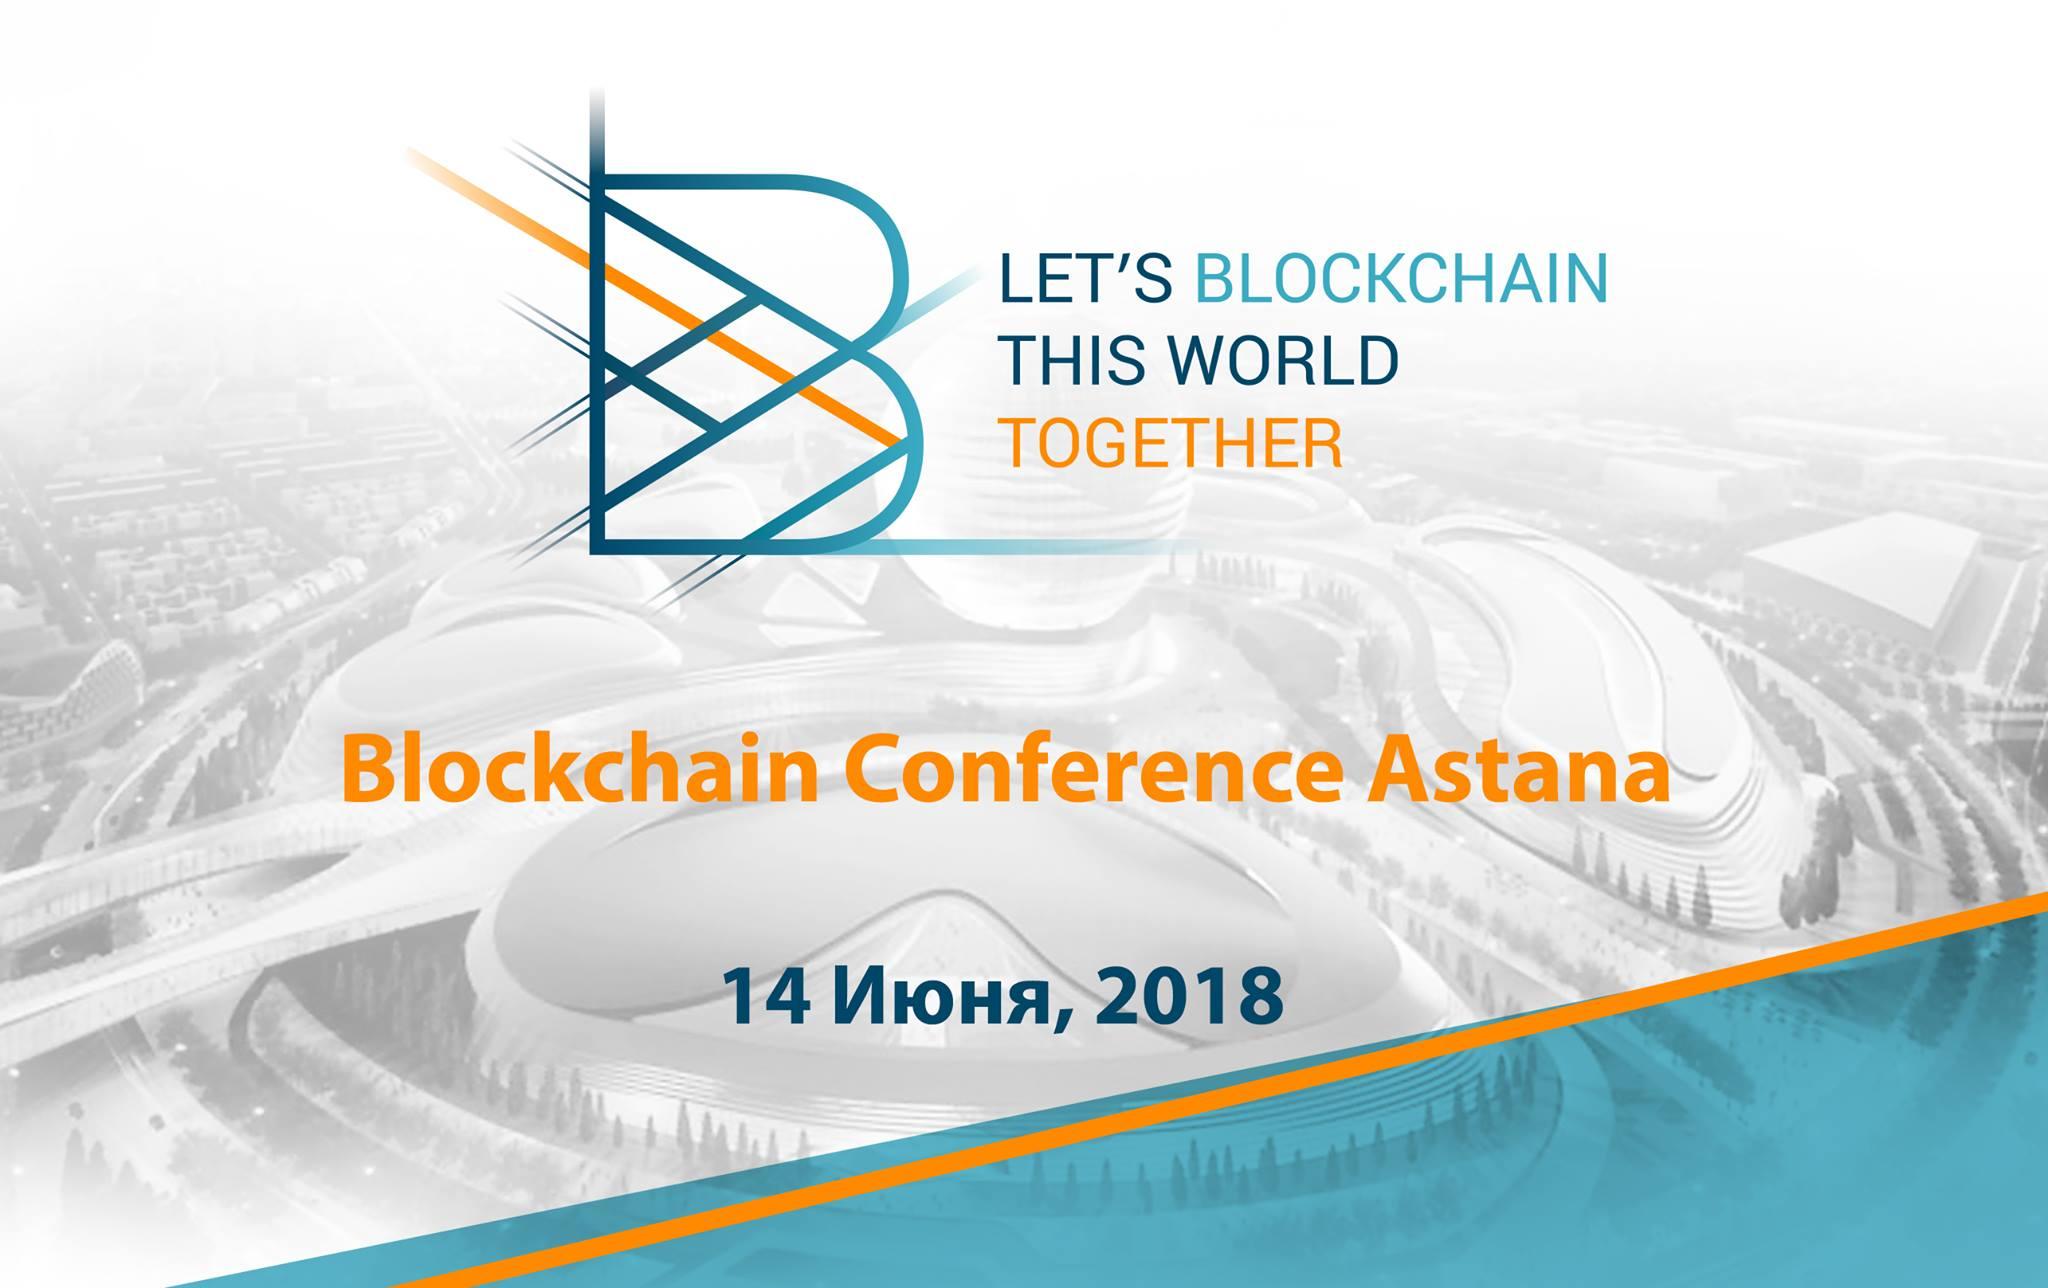 Blockchain Conference Astana: главная Blockchain конференция Центральной Азии пройдет в Астане